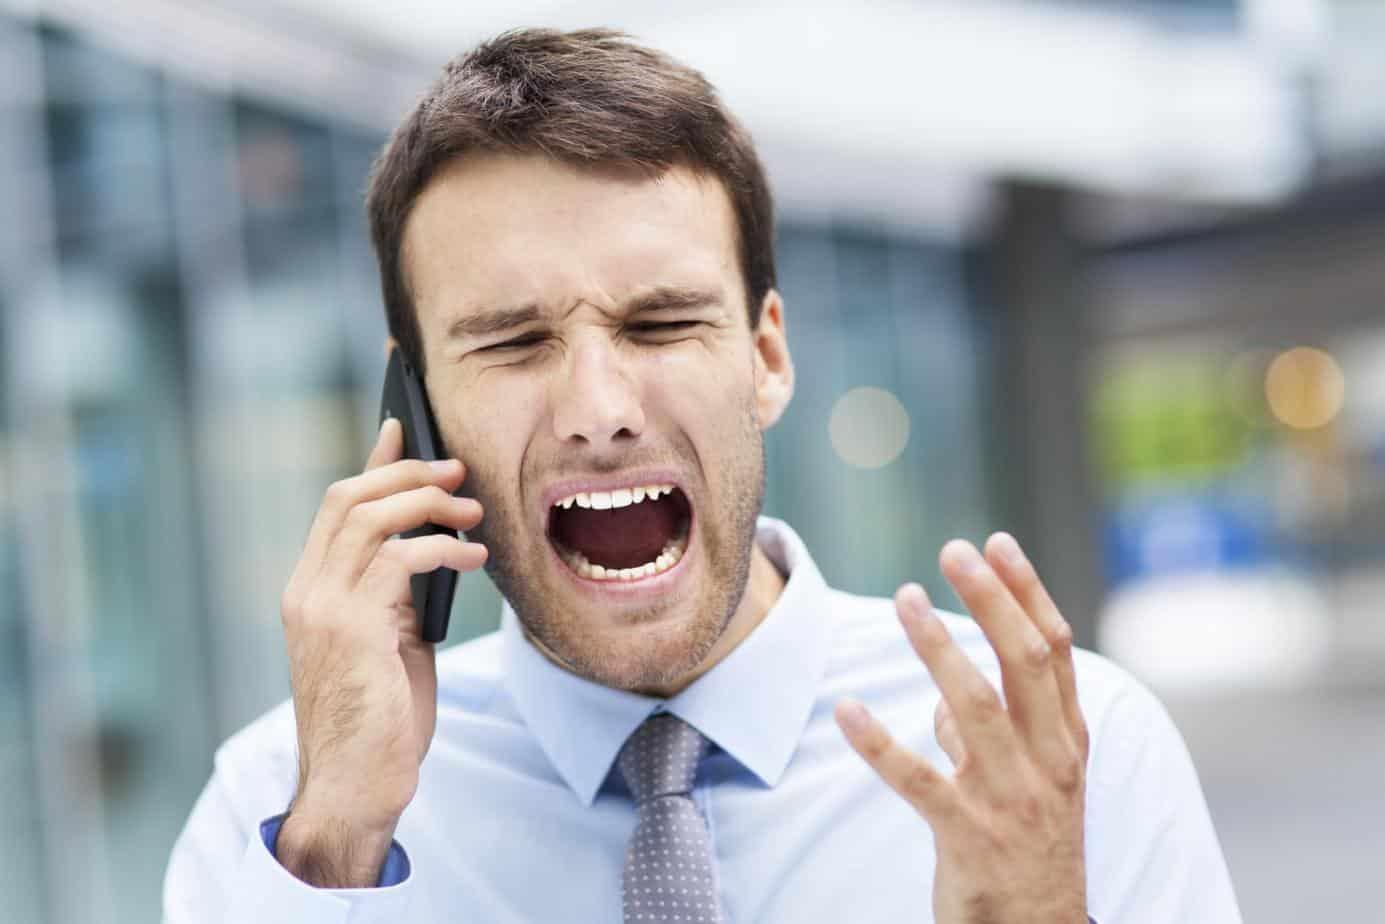 The reason I hate phone calls